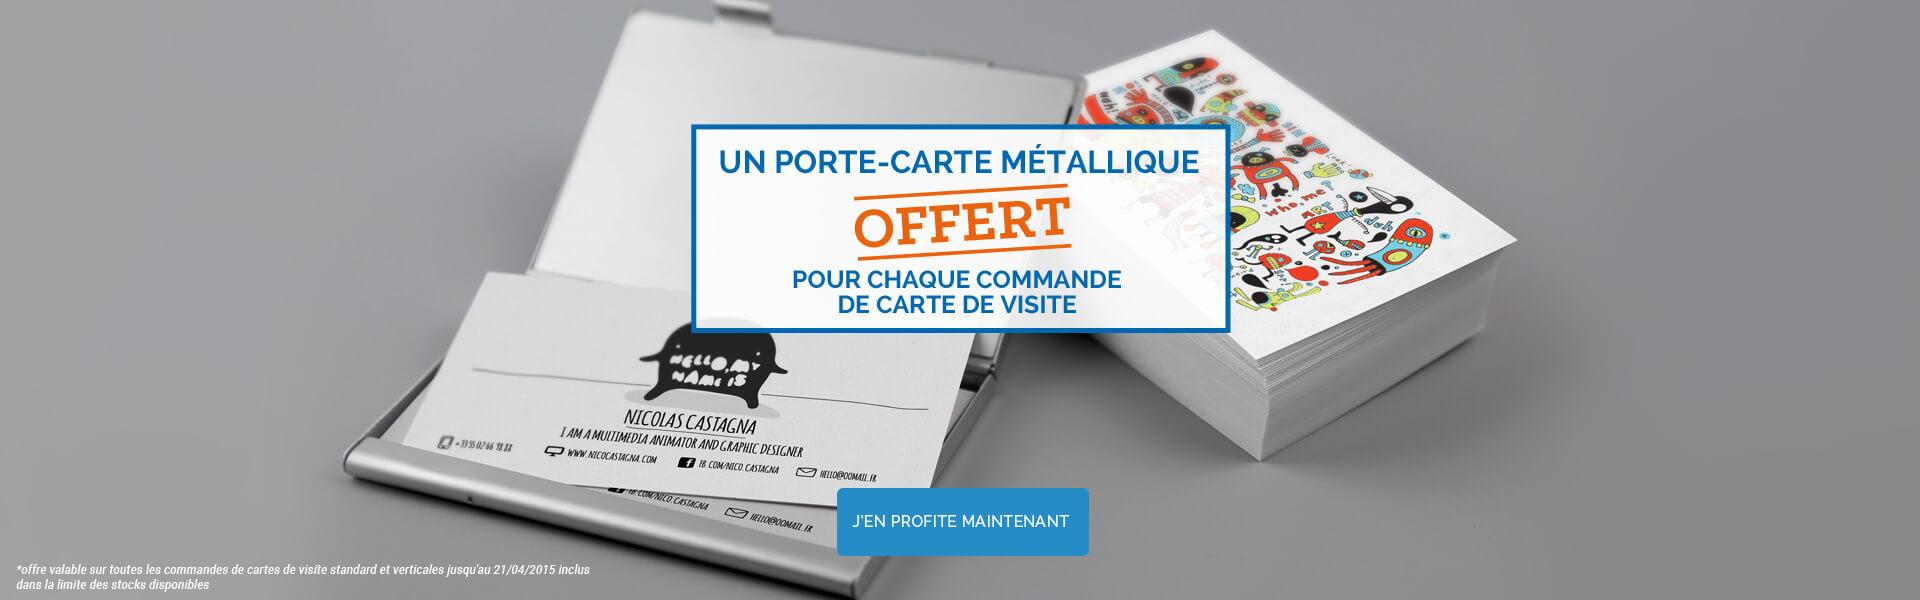 Offre porte métallique pour chaque commande carte de visite